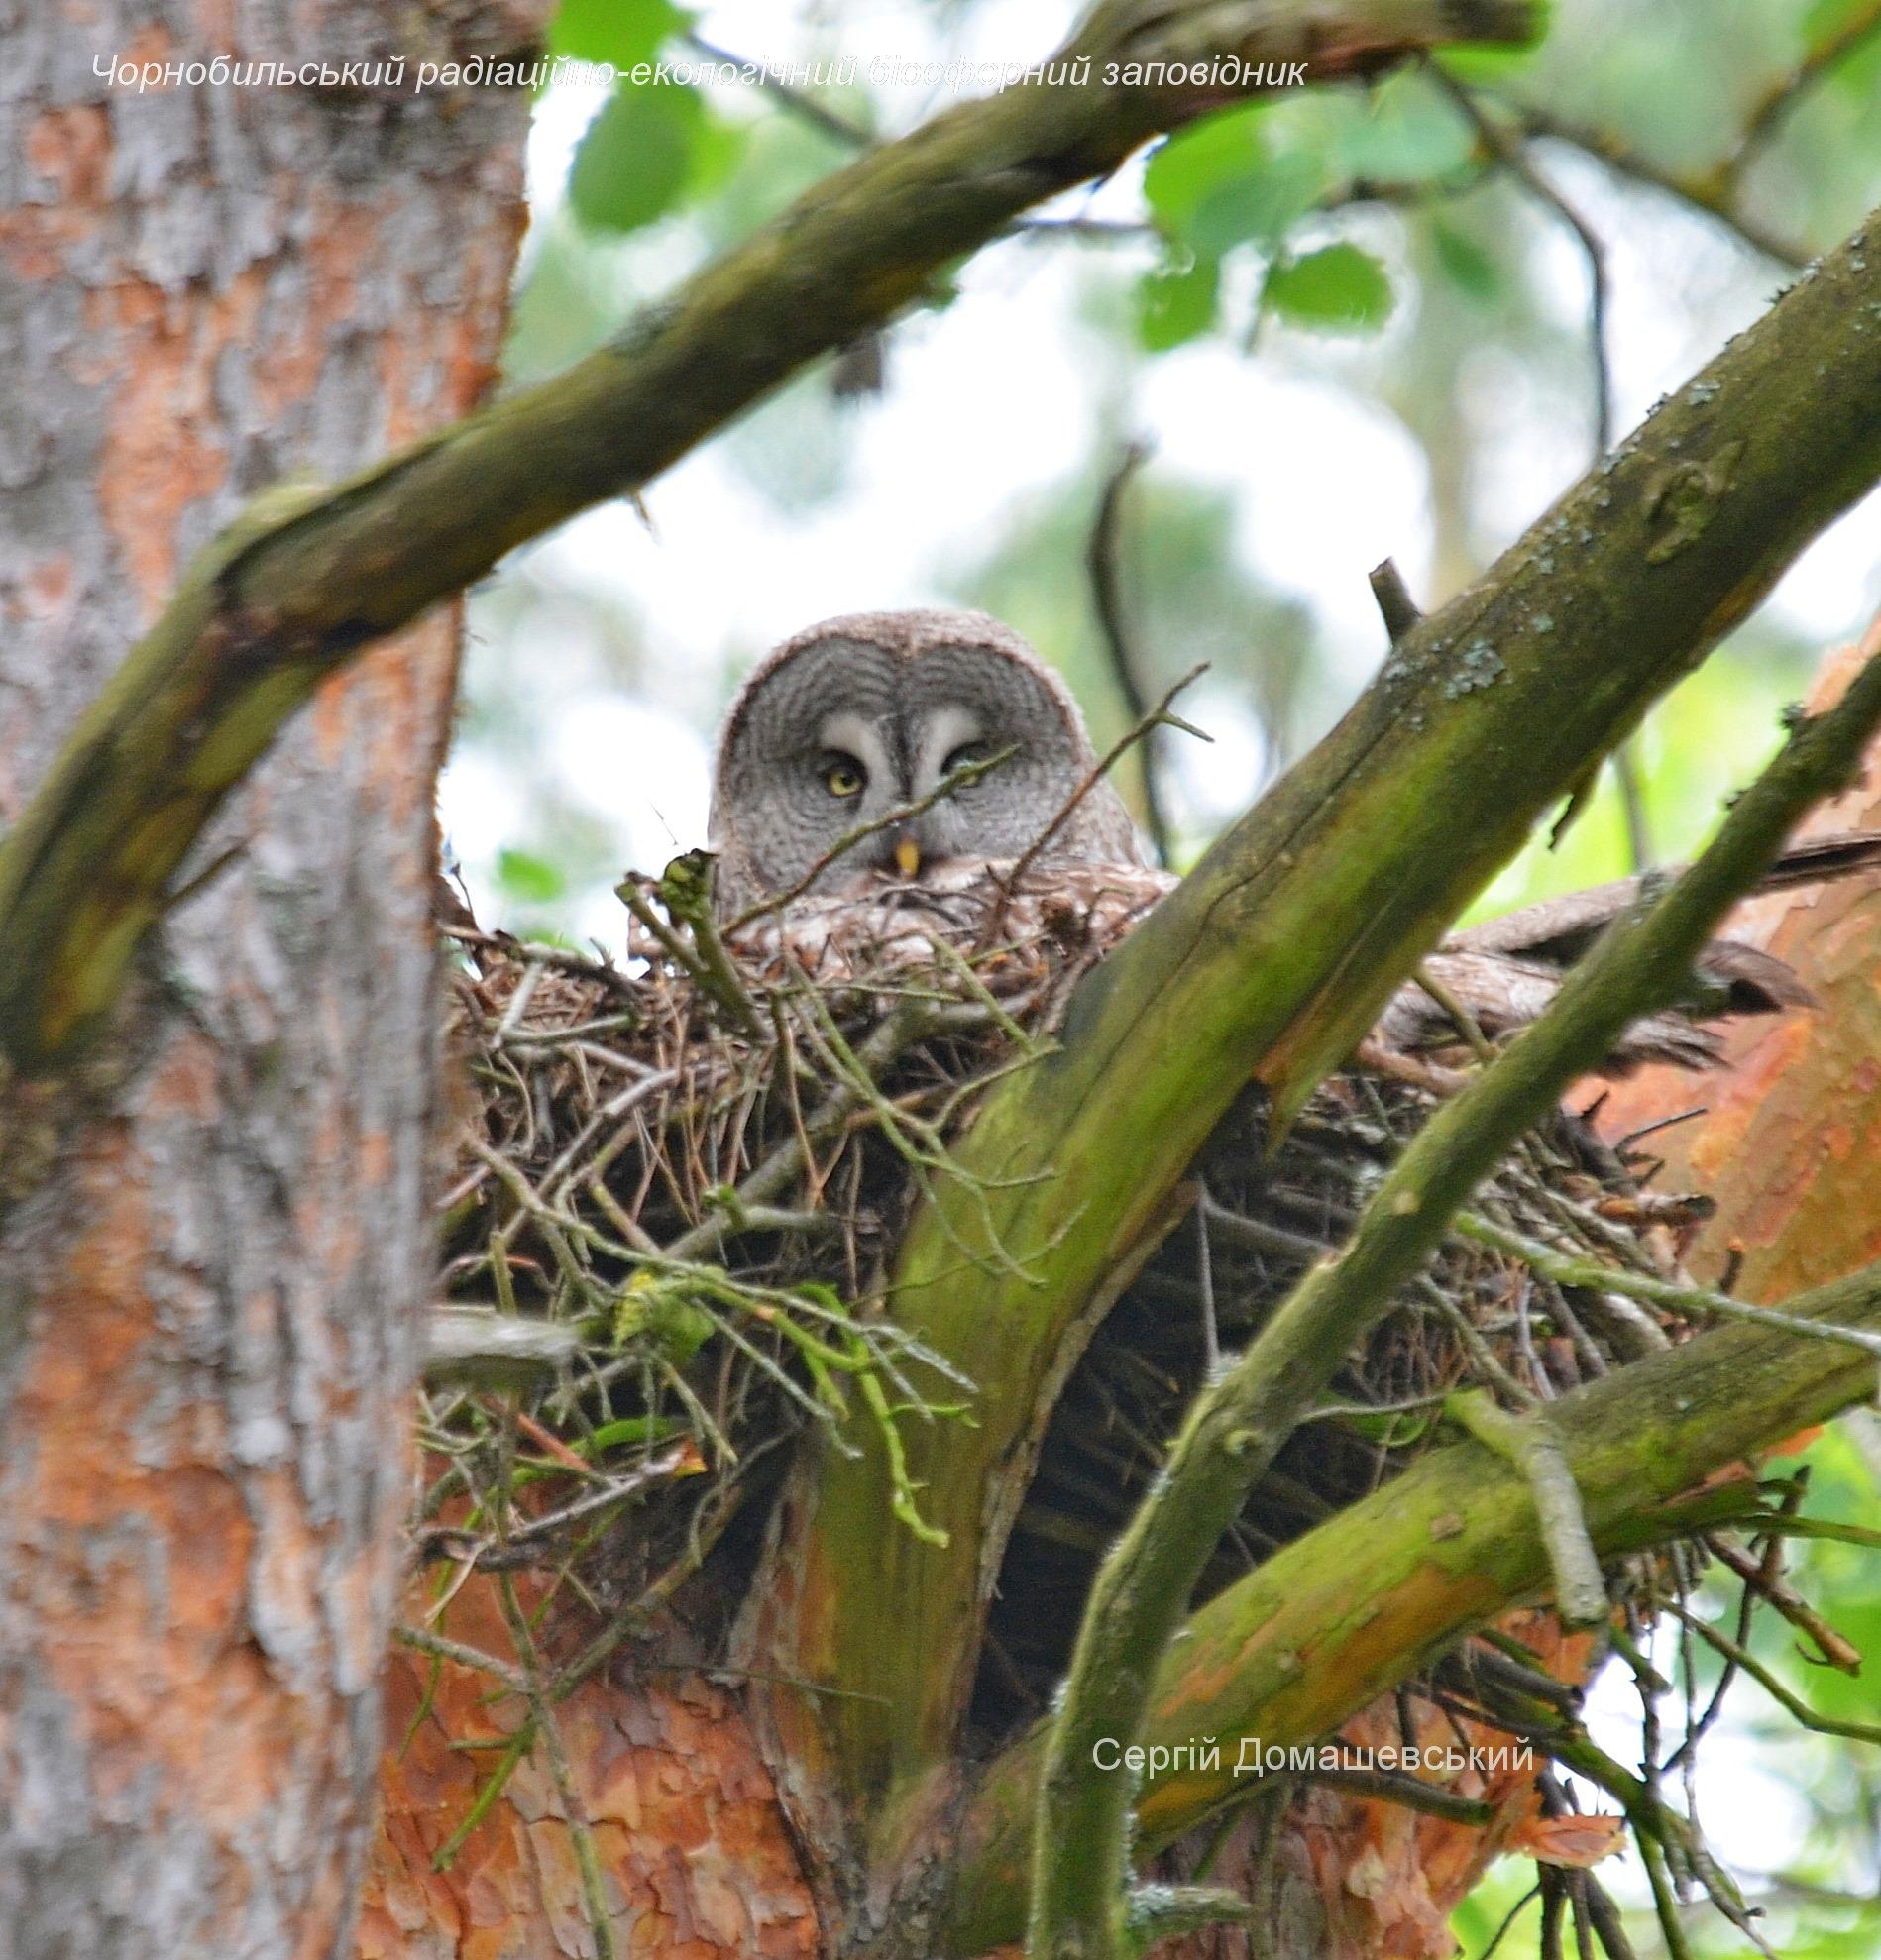 У Чорнобилі мешкає рідкісна сова, яка нападає на дослідників - Птахи, природа, Зона відчуження - 129123599 821484831741939 8124370846561917318 o